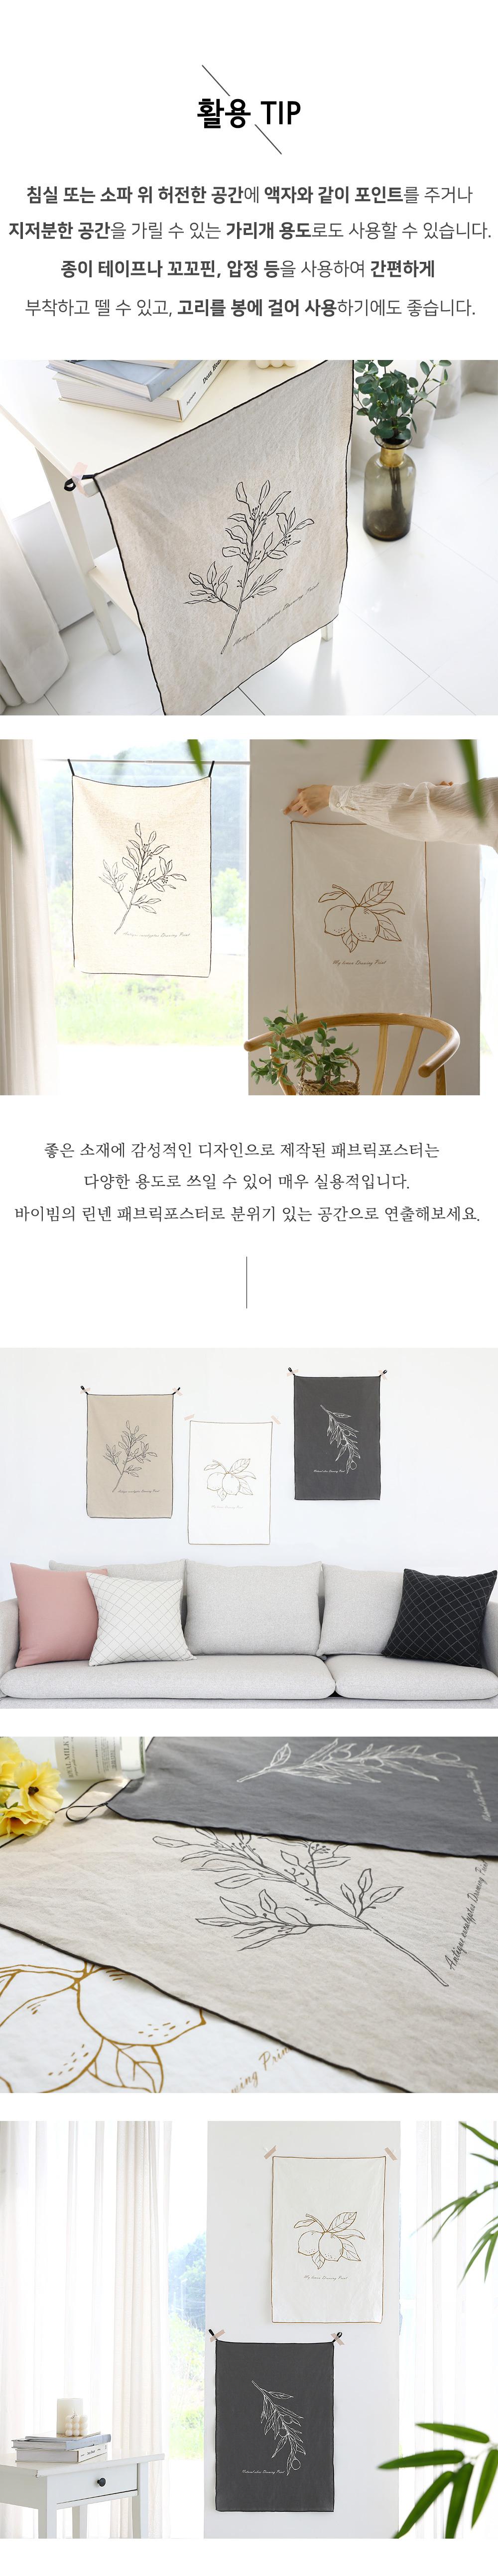 바이빔 내추럴 드로잉 패브릭 포스터 활용팁 - 침실위, 소파위, 액자처럼 포인트, 가리개